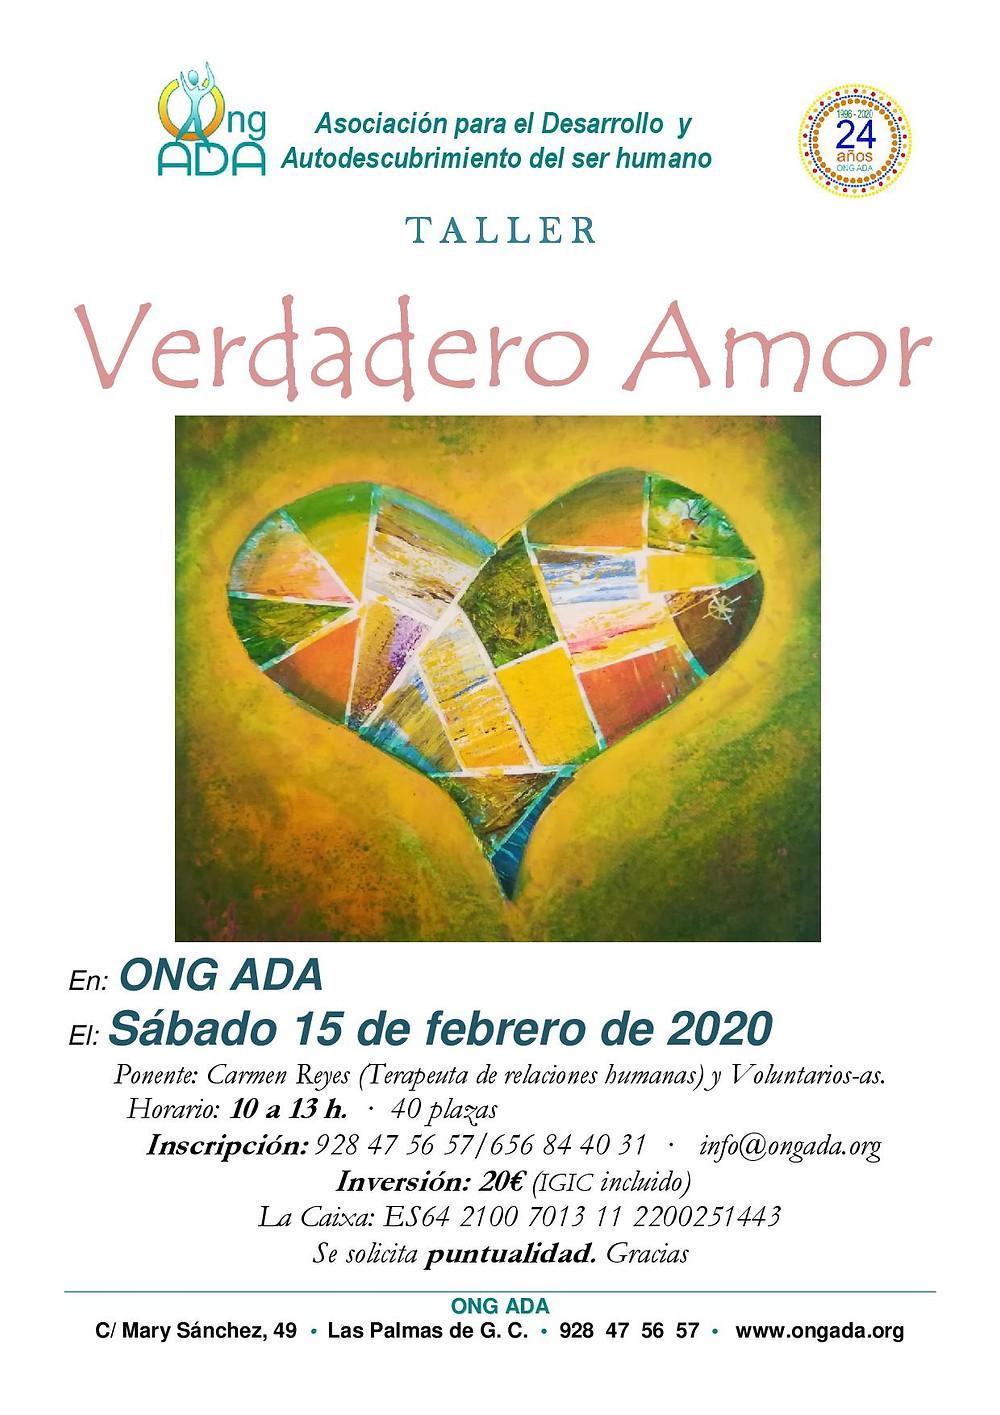 Les compartimos la información del próximo taller que tendrá lugar el sábado 15 de febrero de 2020.